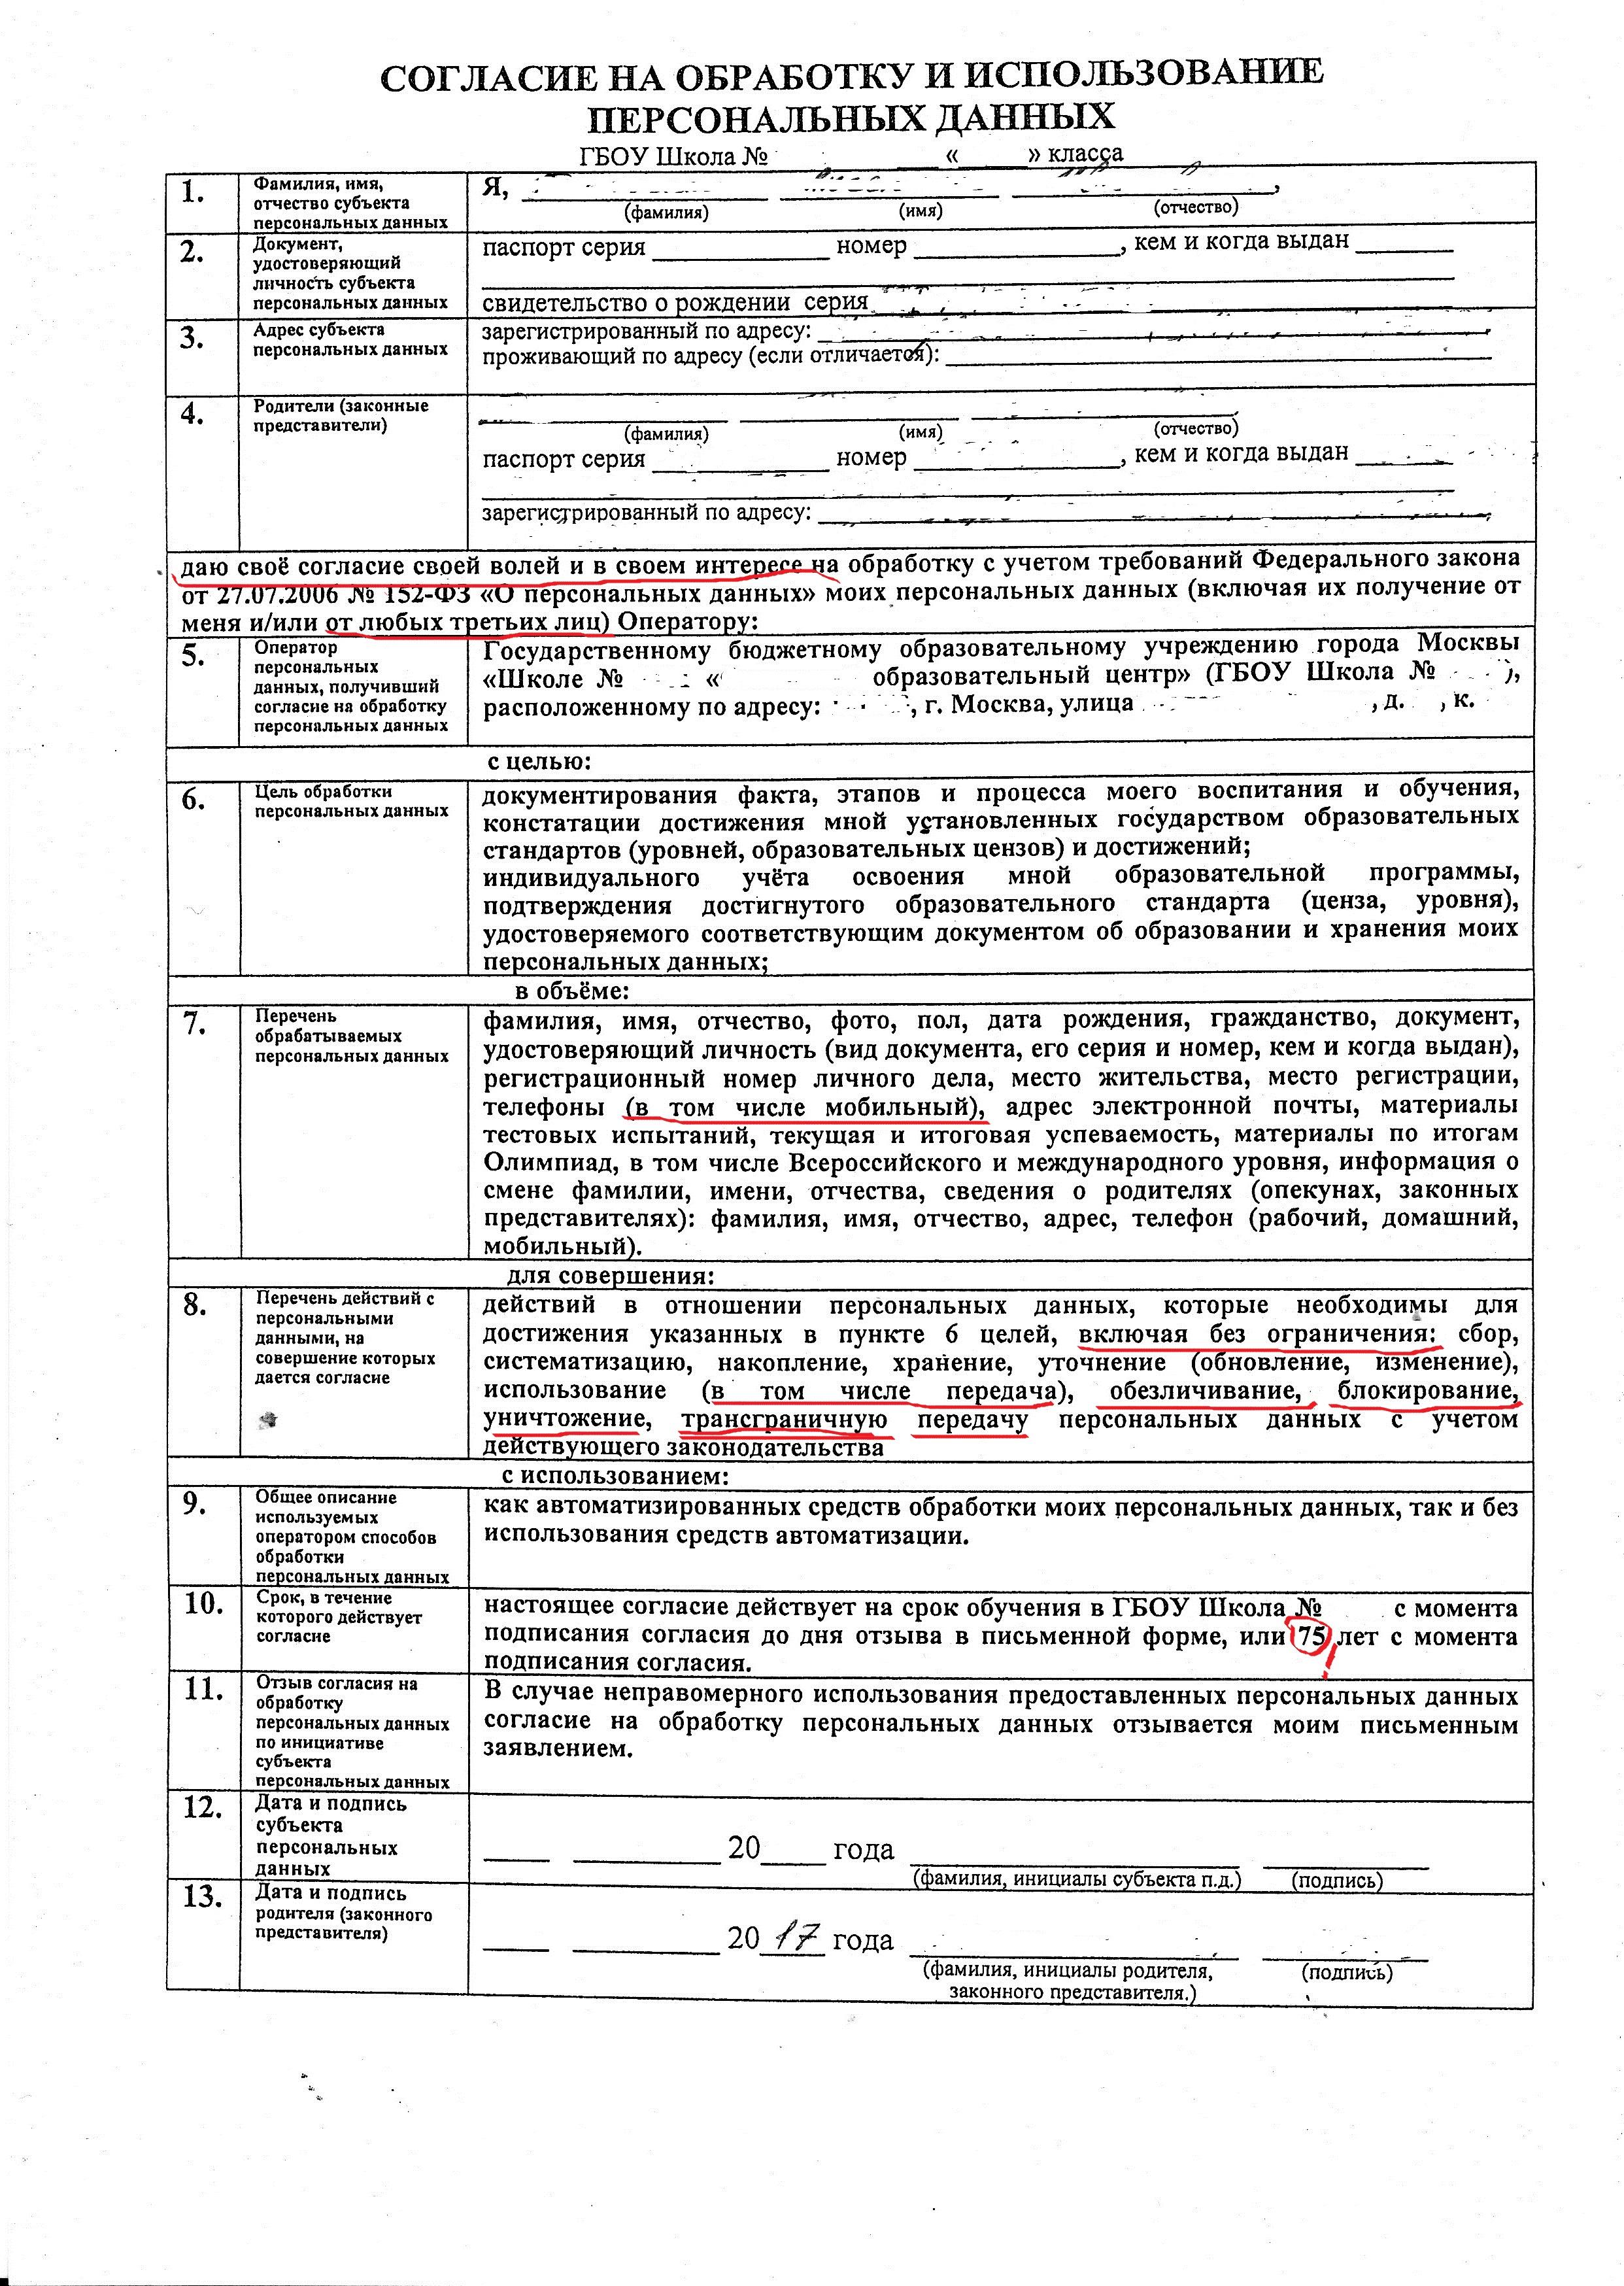 Заявление о согласии на обработку персональных данных